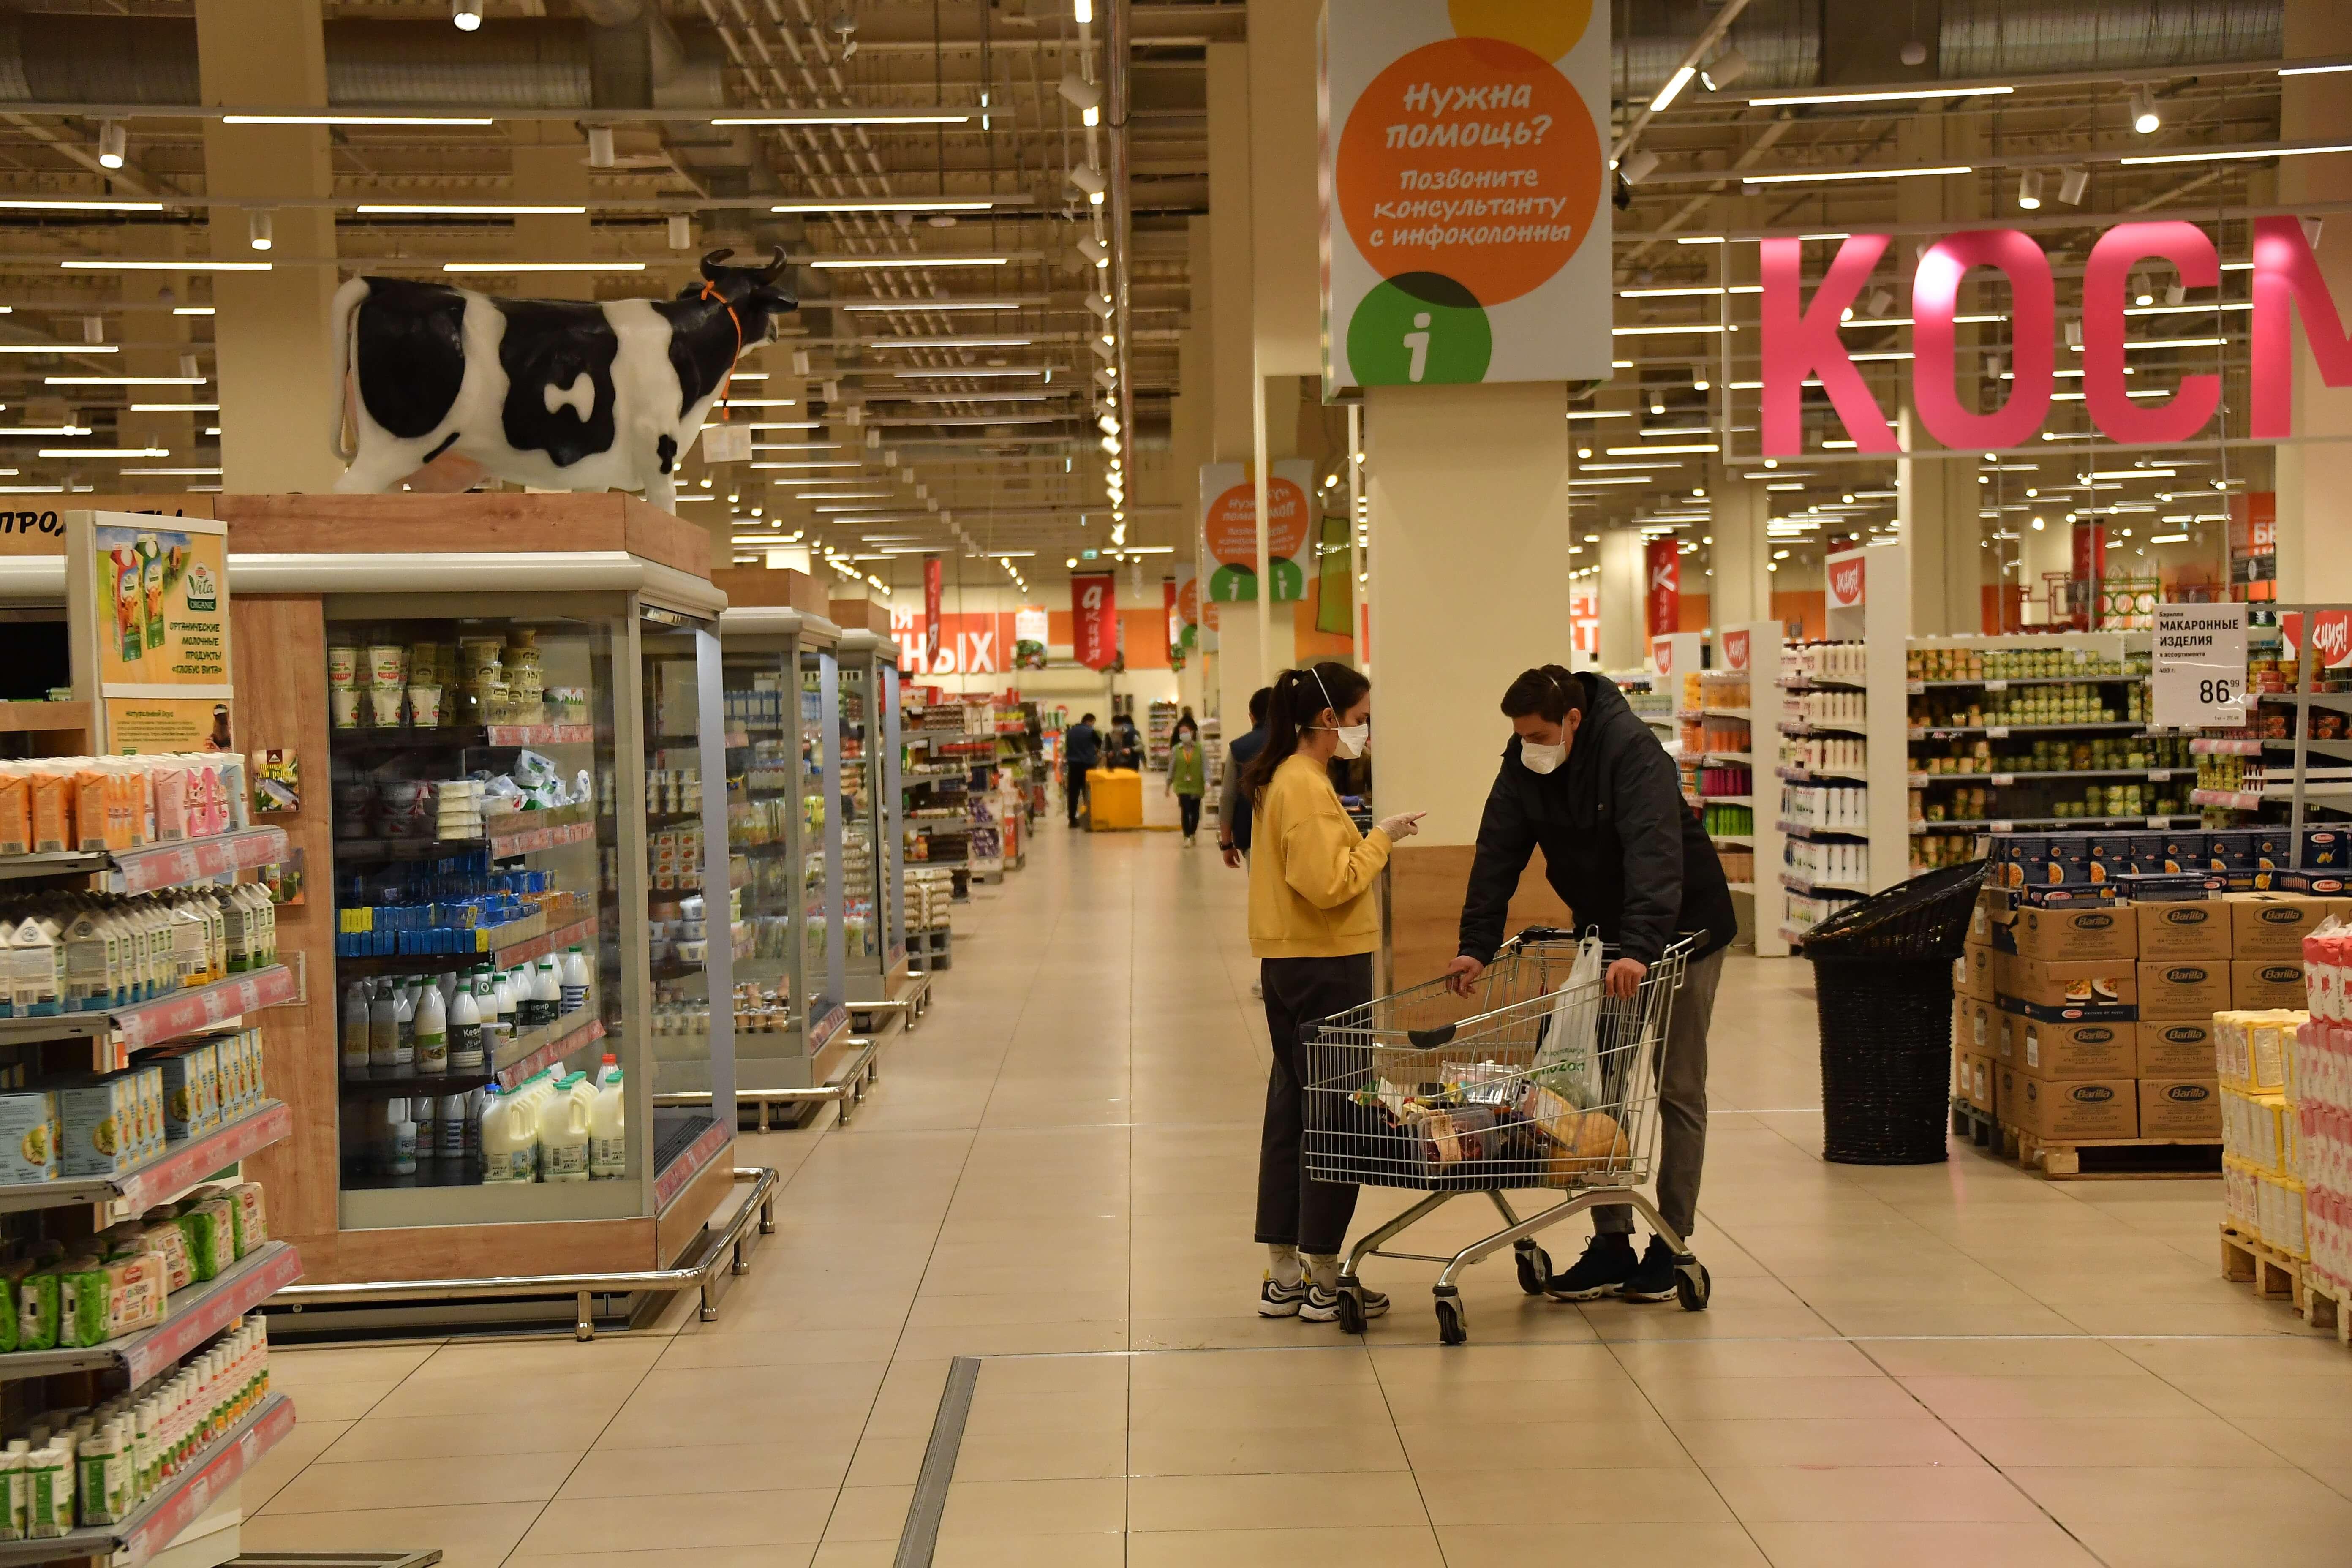 Экономист из команды Медведева предрек в стране очередной рост цен